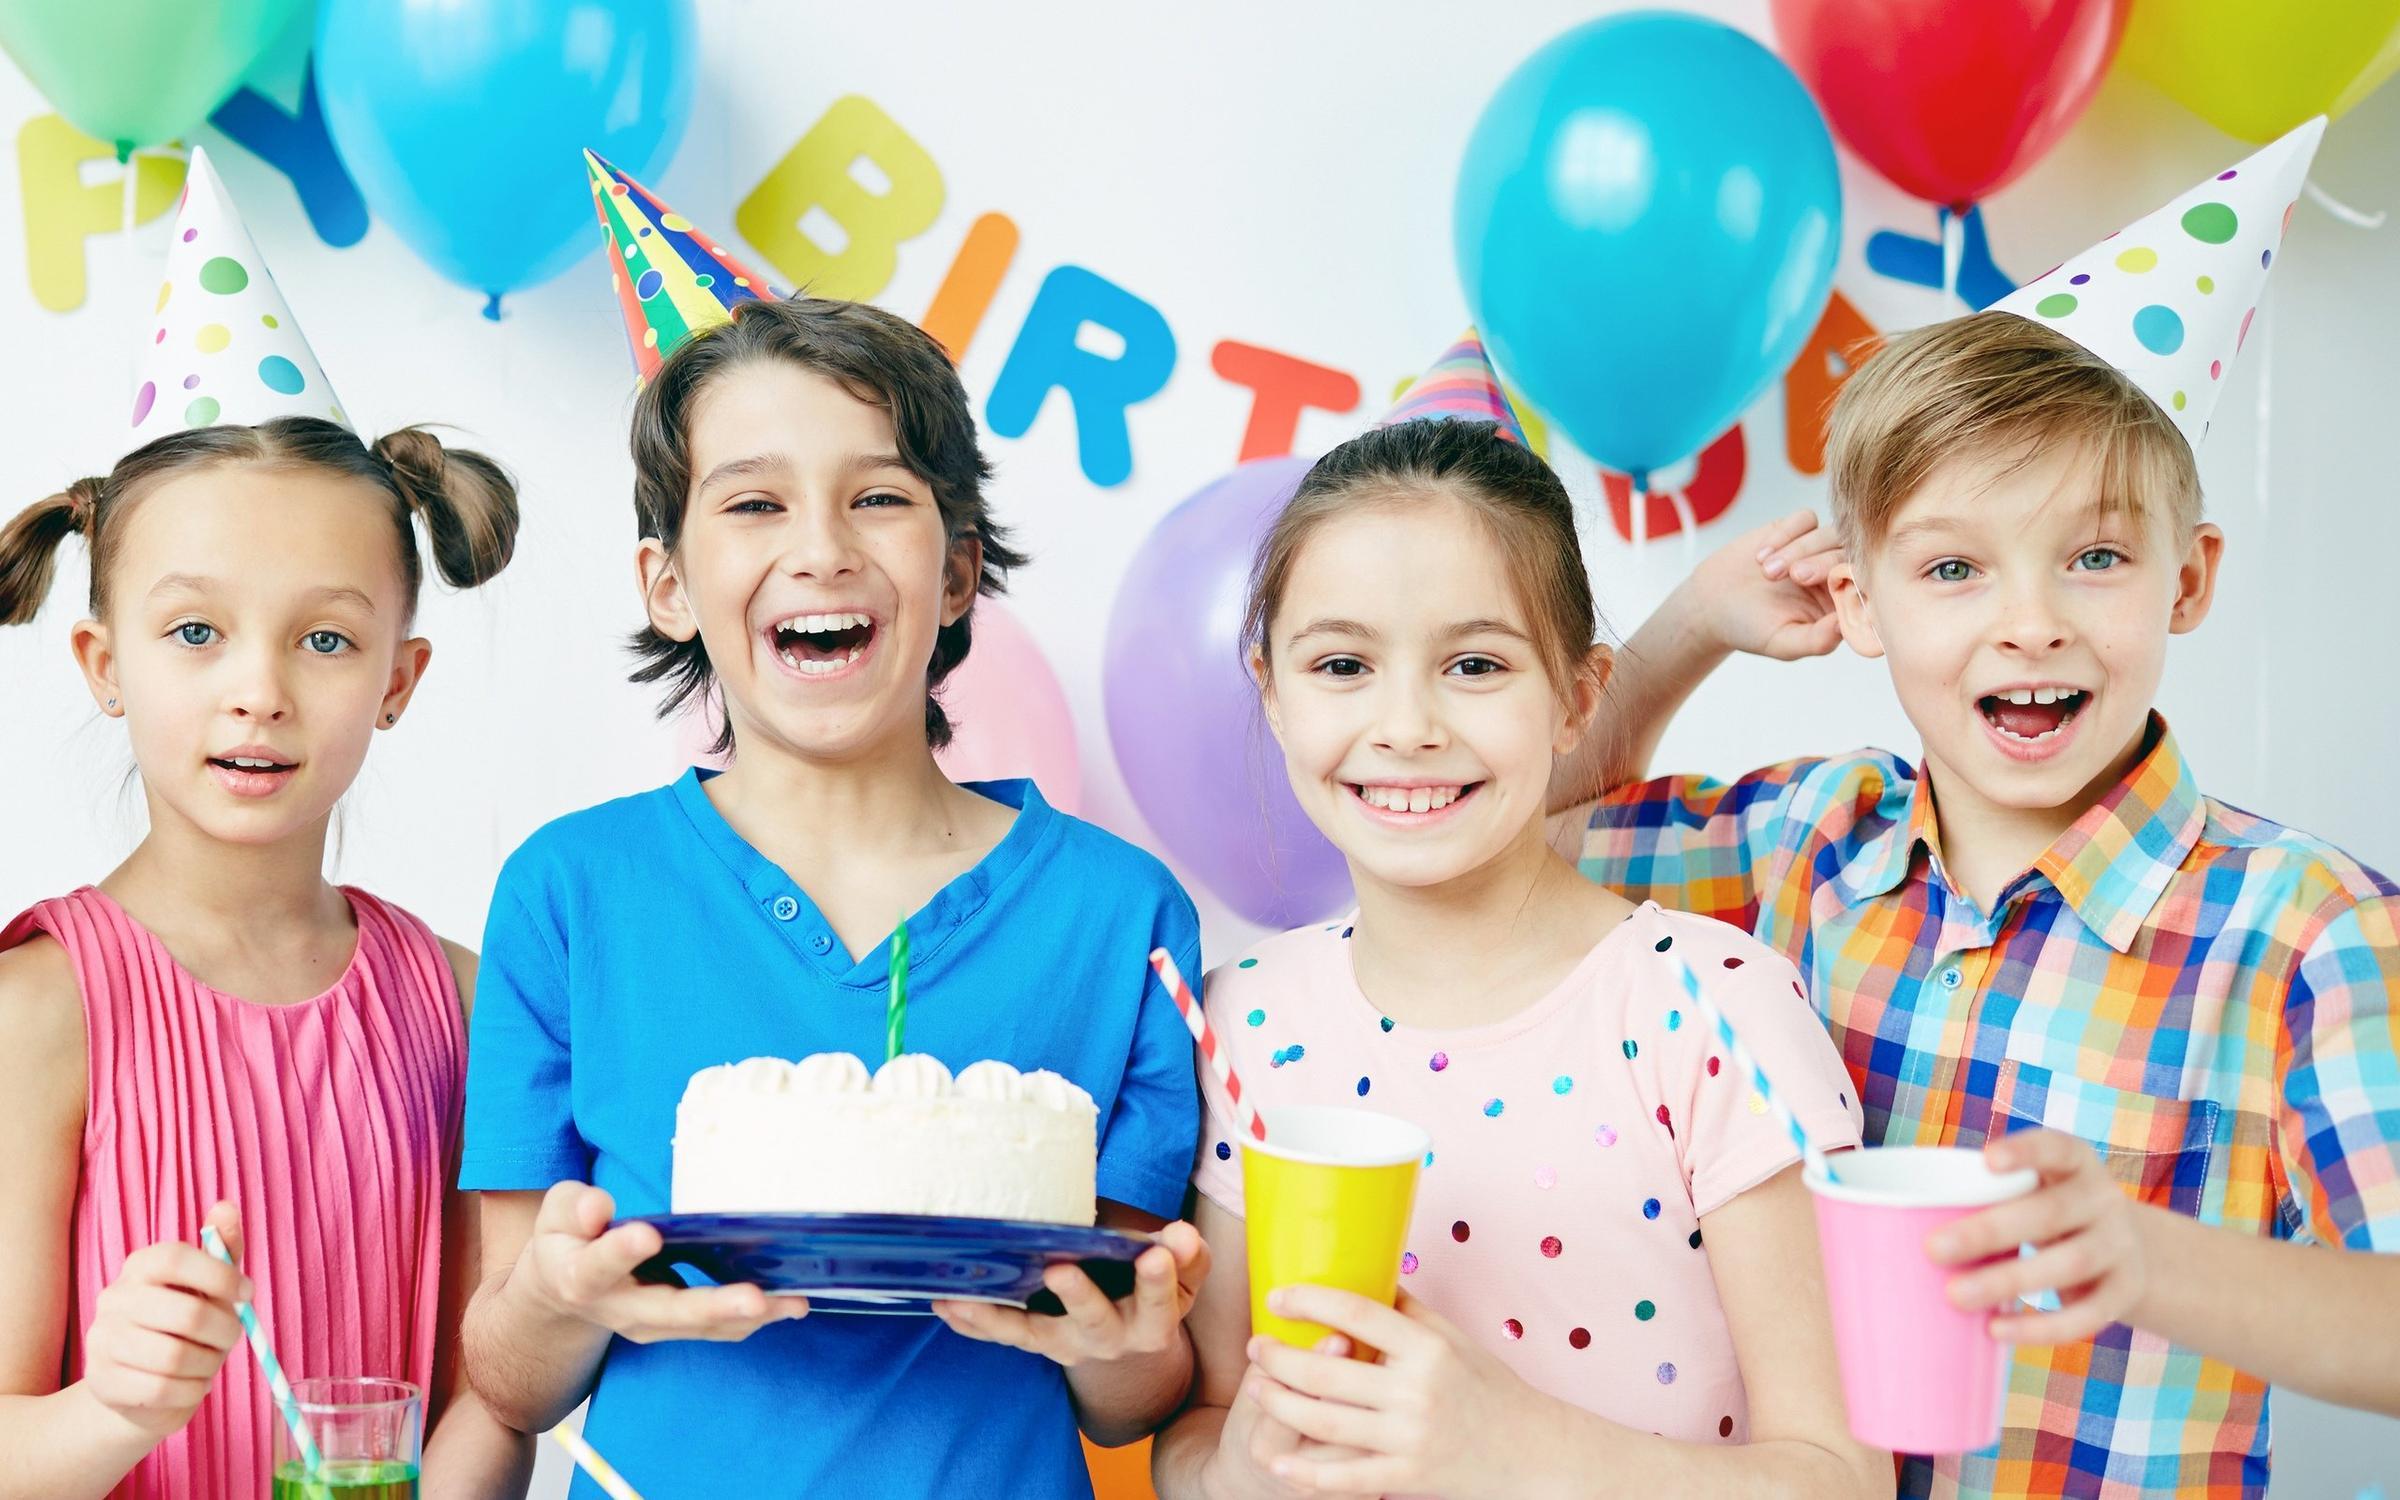 день рождения мальчика 11 лет